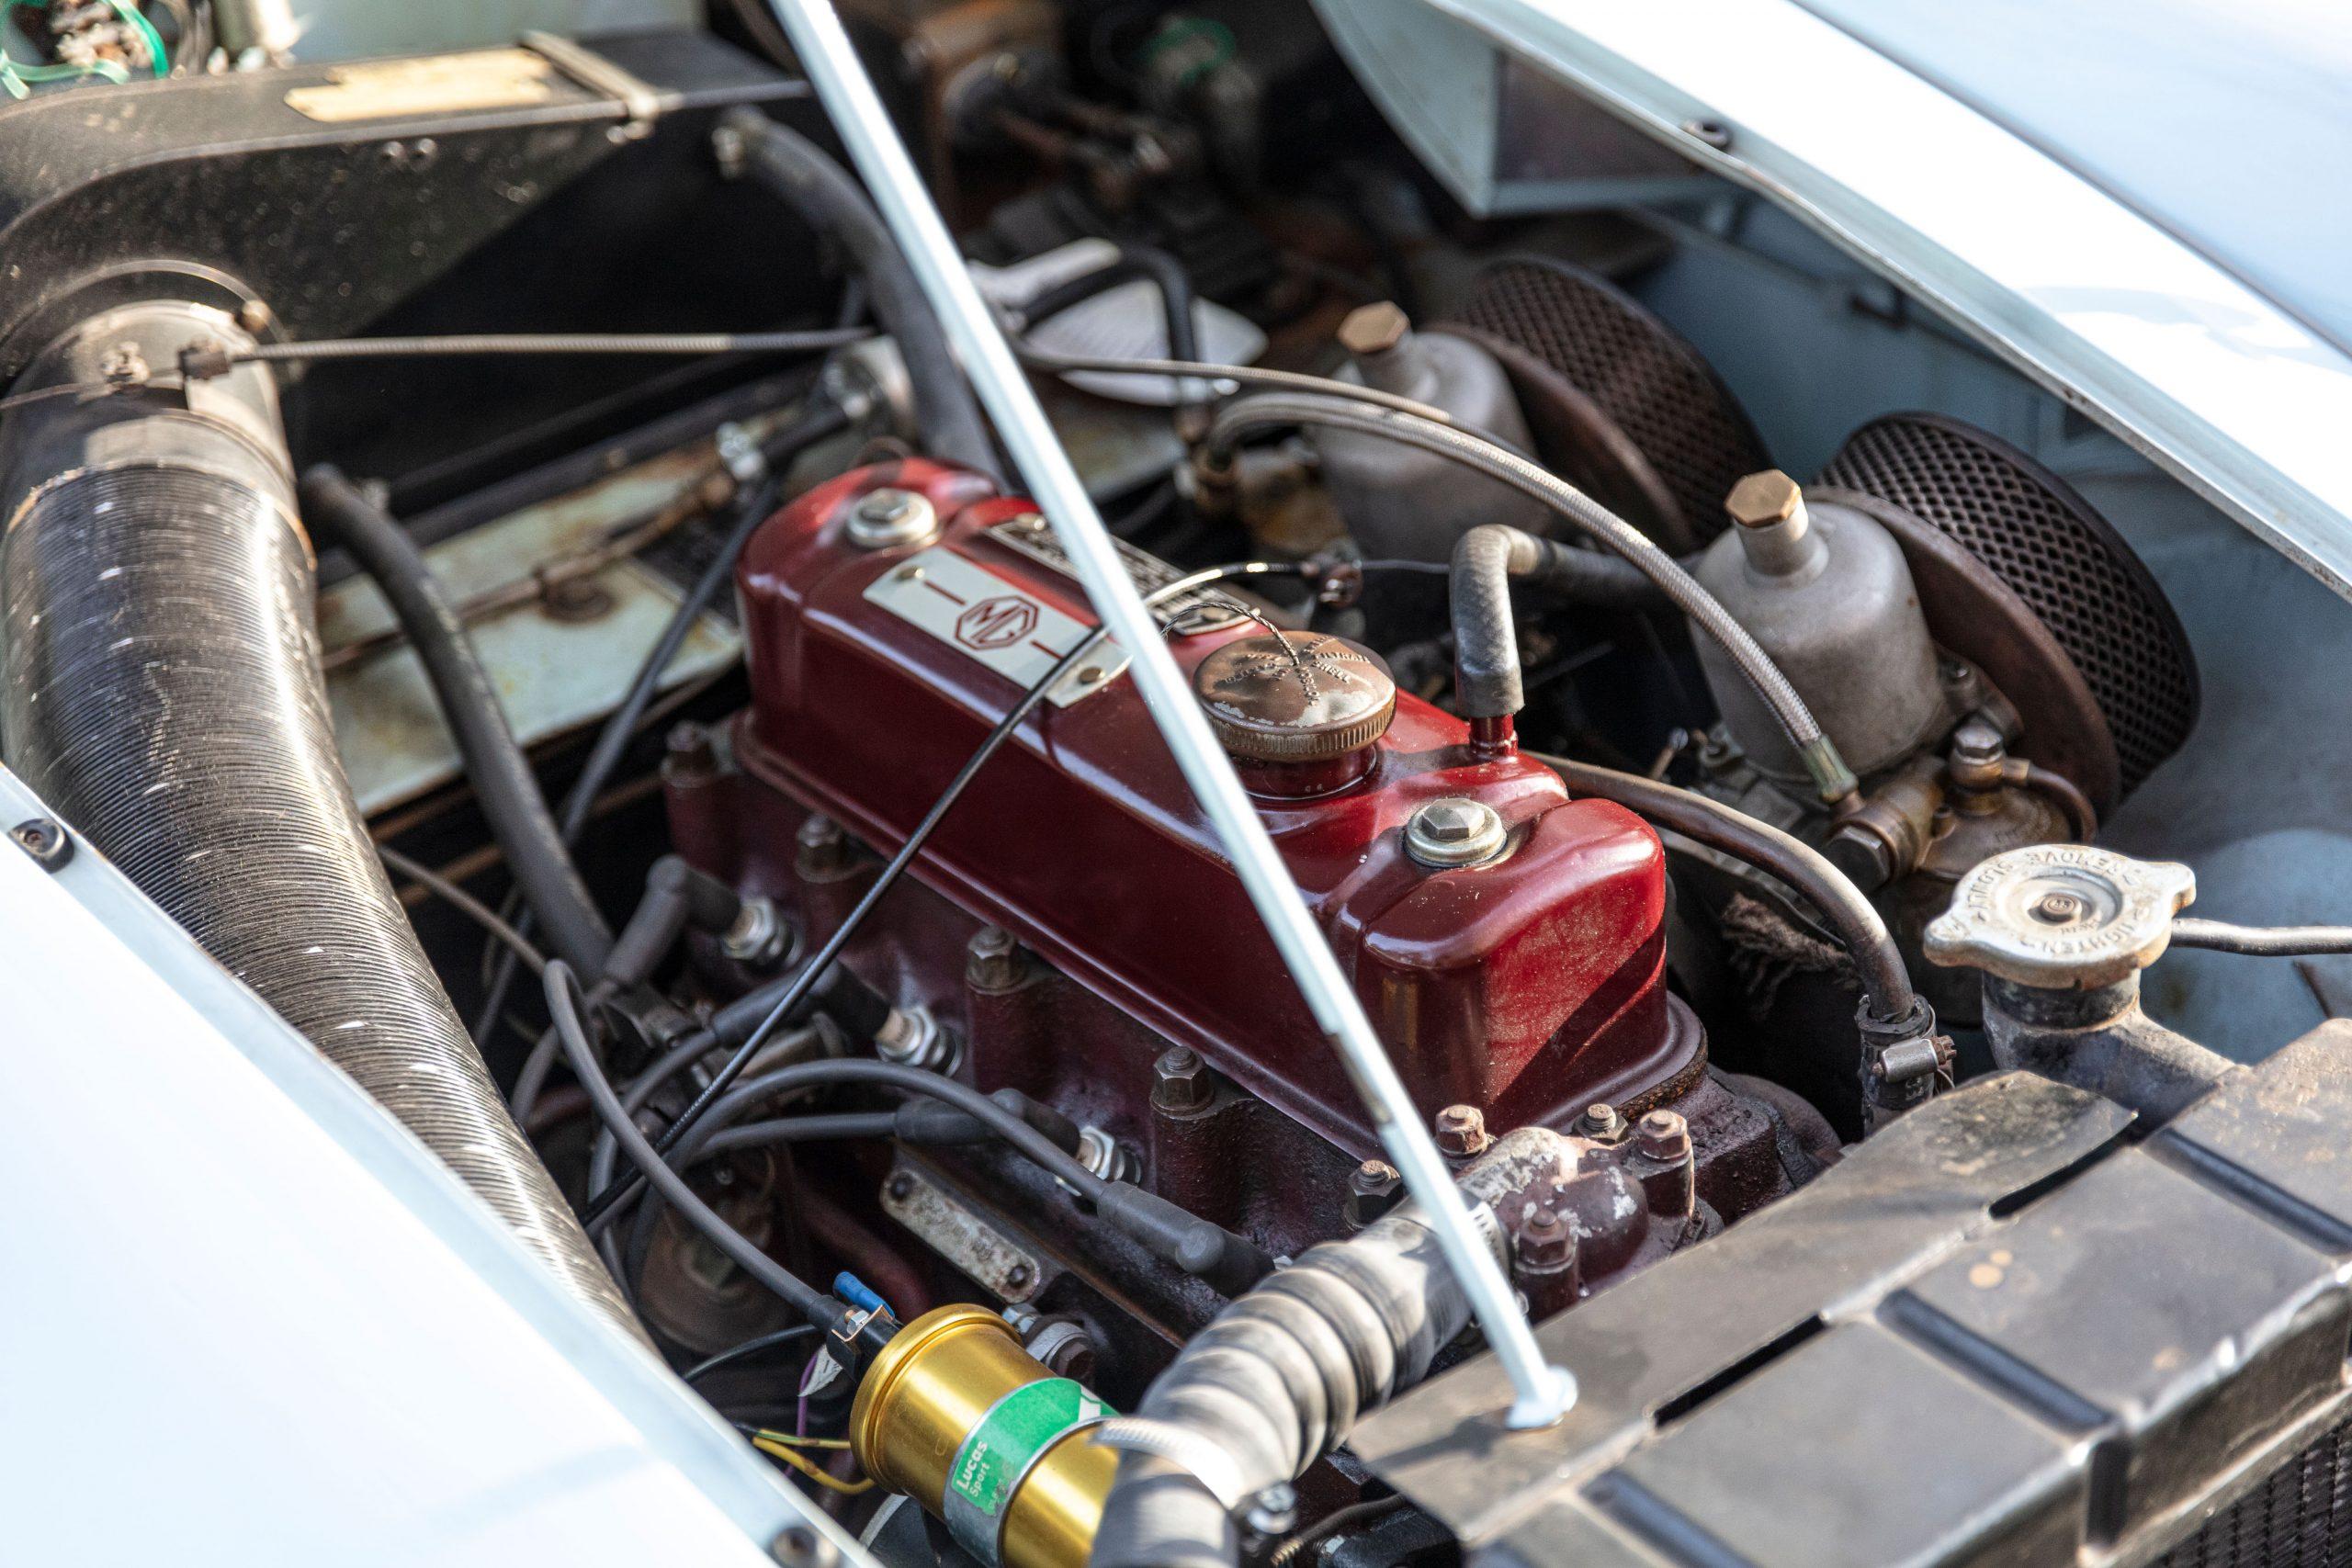 MG MGA 1500 Roadster engine